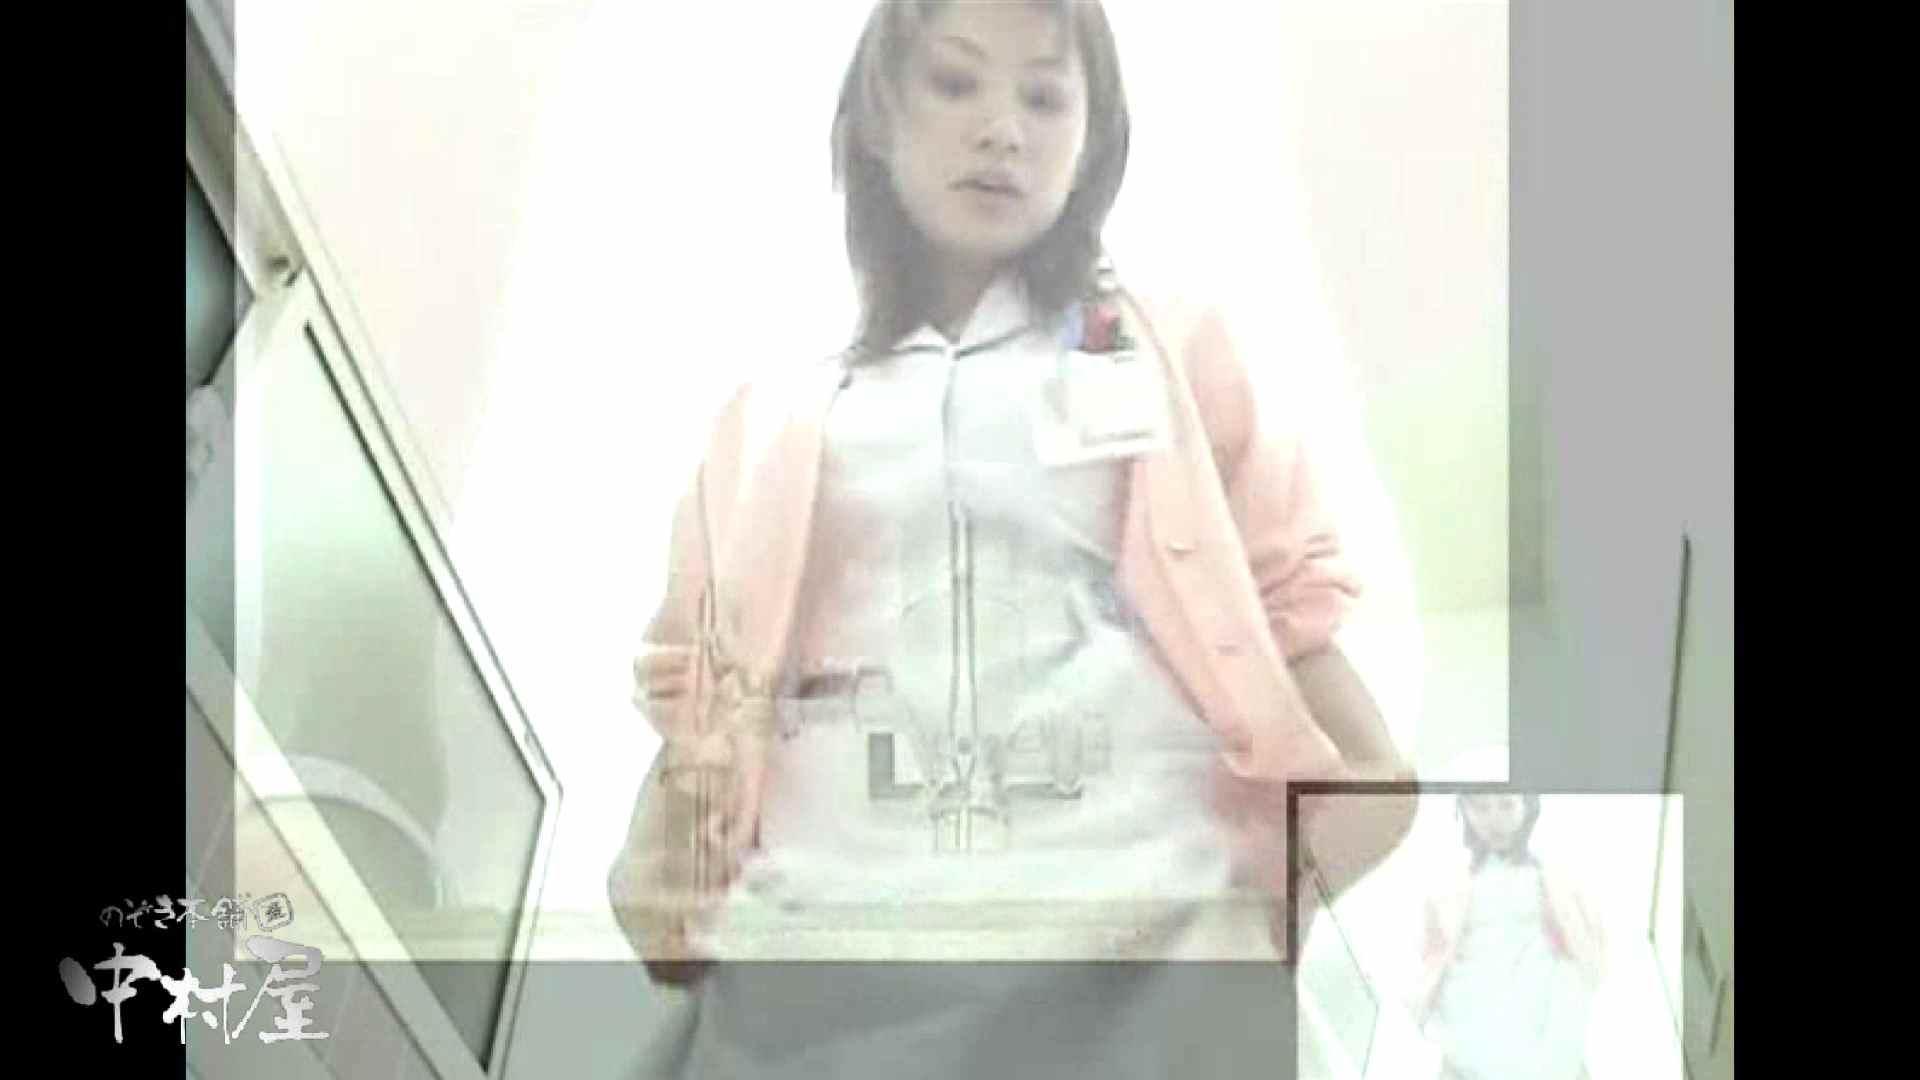 都内某大学病院編 和式イ更所盗撮 その⑥ 3名 女医エロ画像 盗撮われめAV動画紹介 98PICs 35